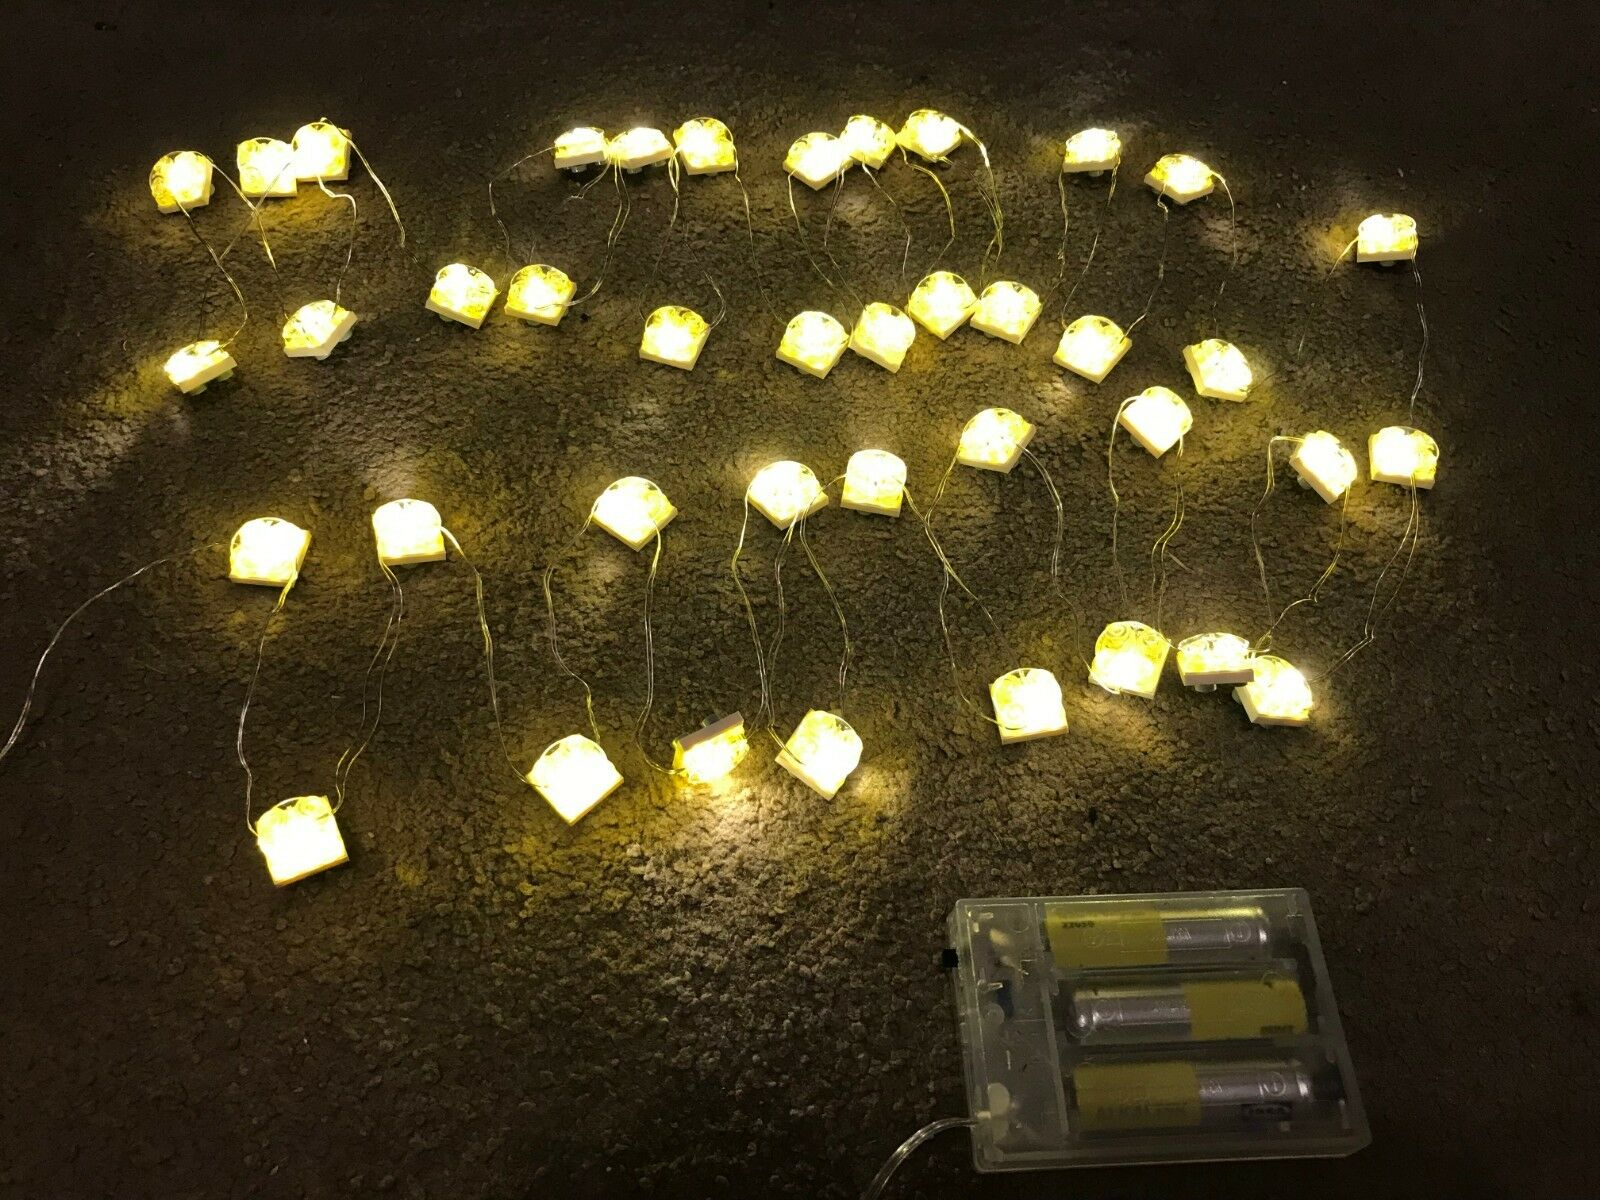 Quatre mers, mers, mers, Xiangyun, Fulai, cadeau du Nouvel An, non-stop Lego Poudlard Castle 71043-Building éclairage DEL Kit-Harry Potter Cadeau 277f30